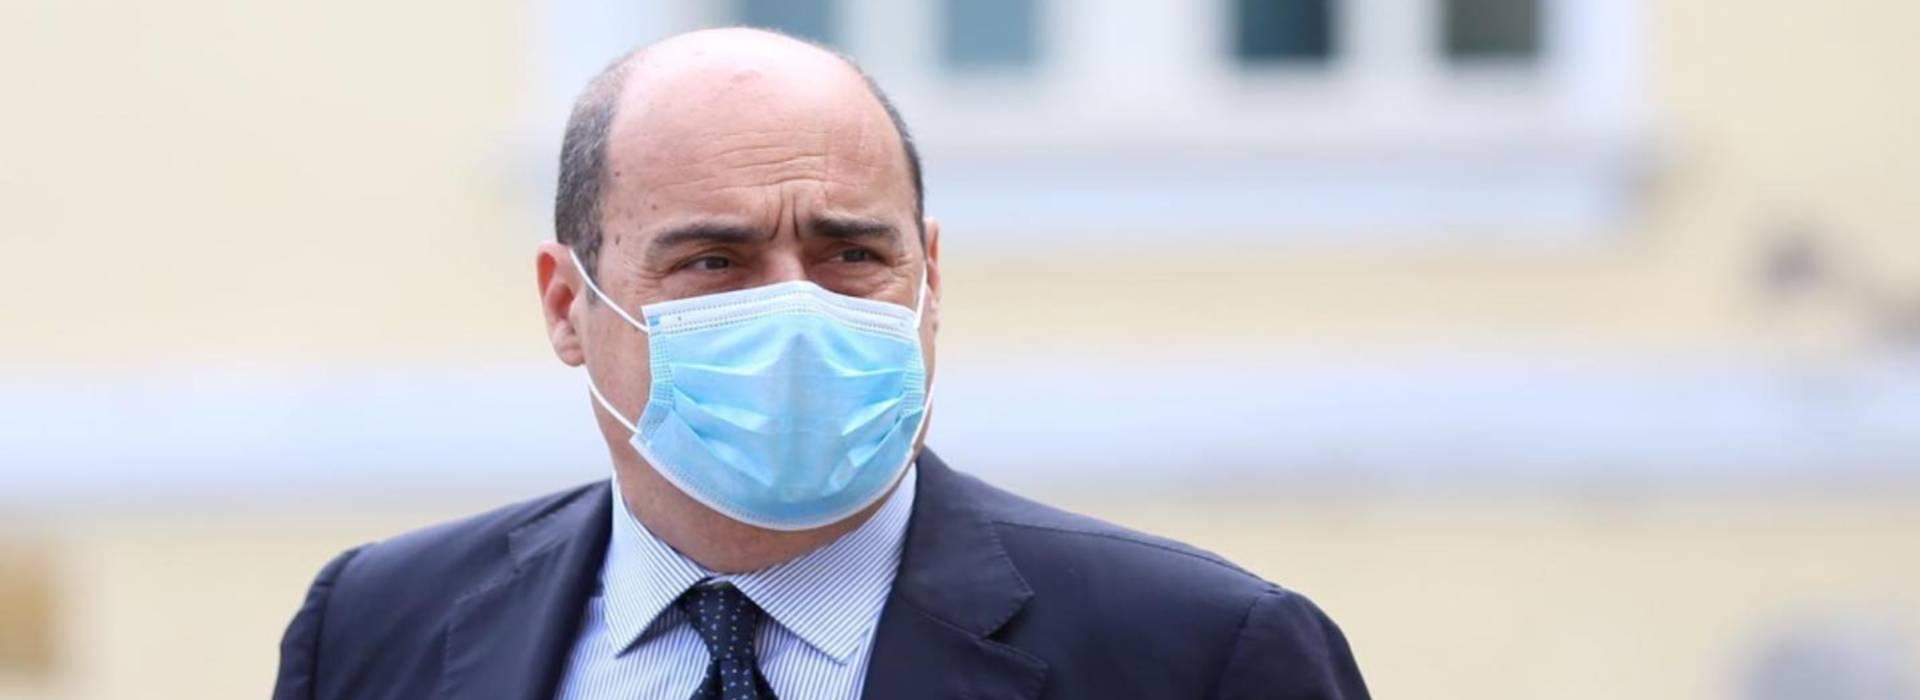 Che fine hanno fatto le mascherine di Zingaretti e la Commissione d'inchiesta?